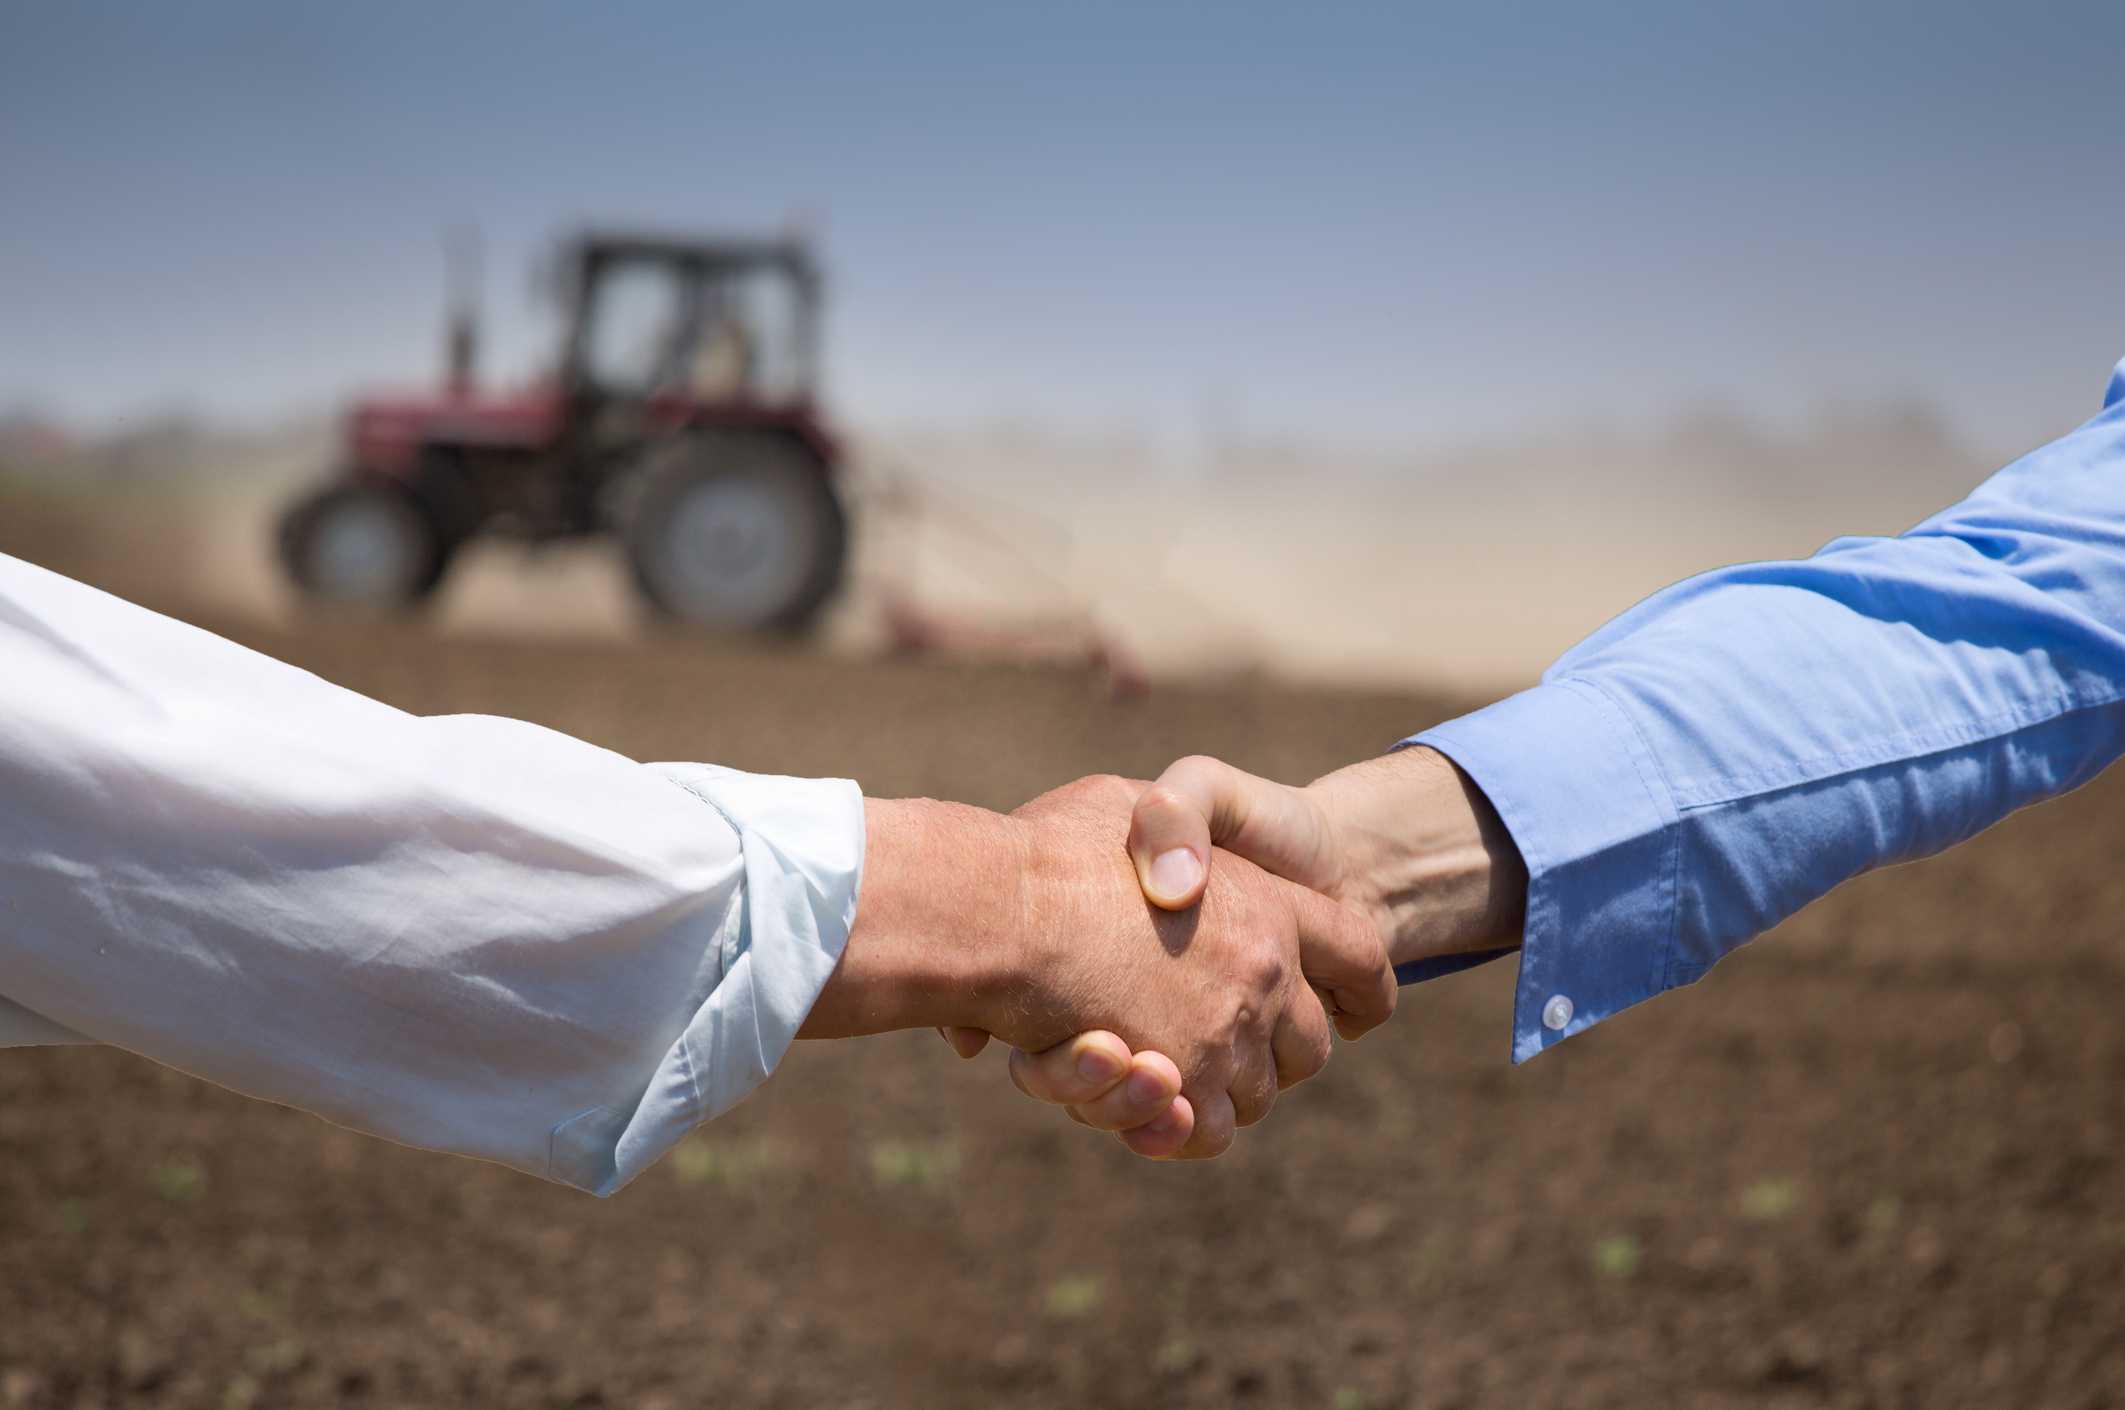 Proexport pide al consejero de Agricultura dar prioridad a algunos aspectos agrícolas